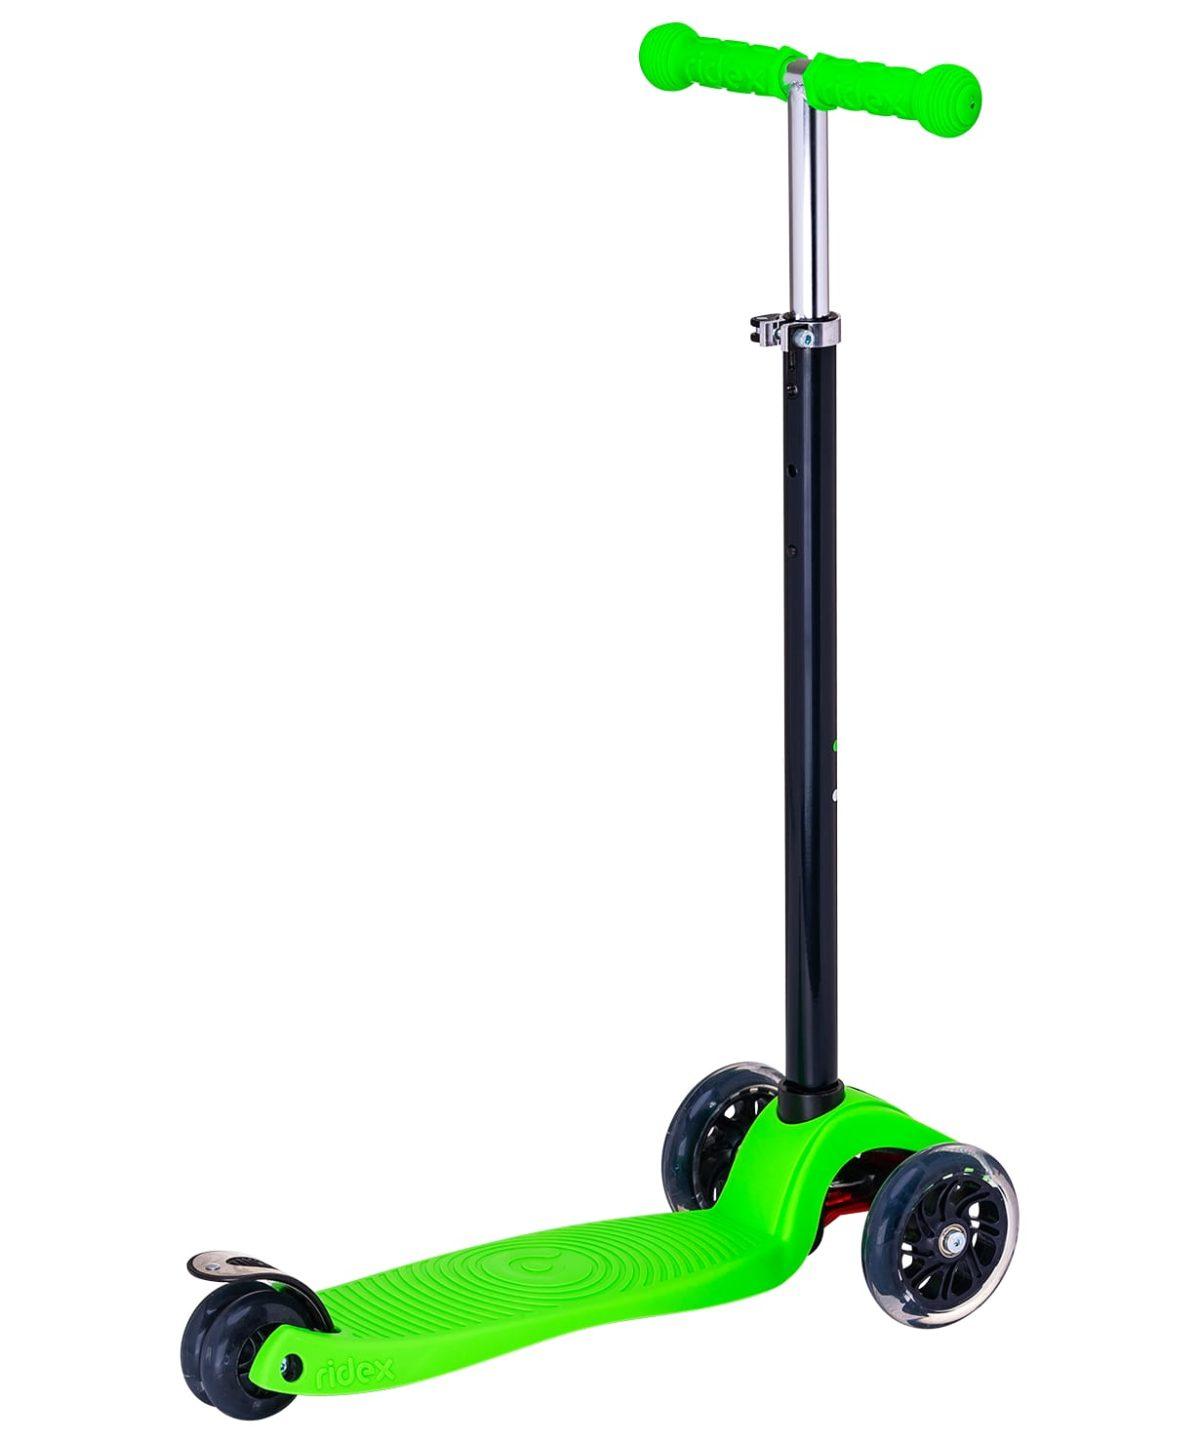 RIDEX Snappy 3D Самокат 3-х колесный 120/80 мм  Snappy: зелёный - 2